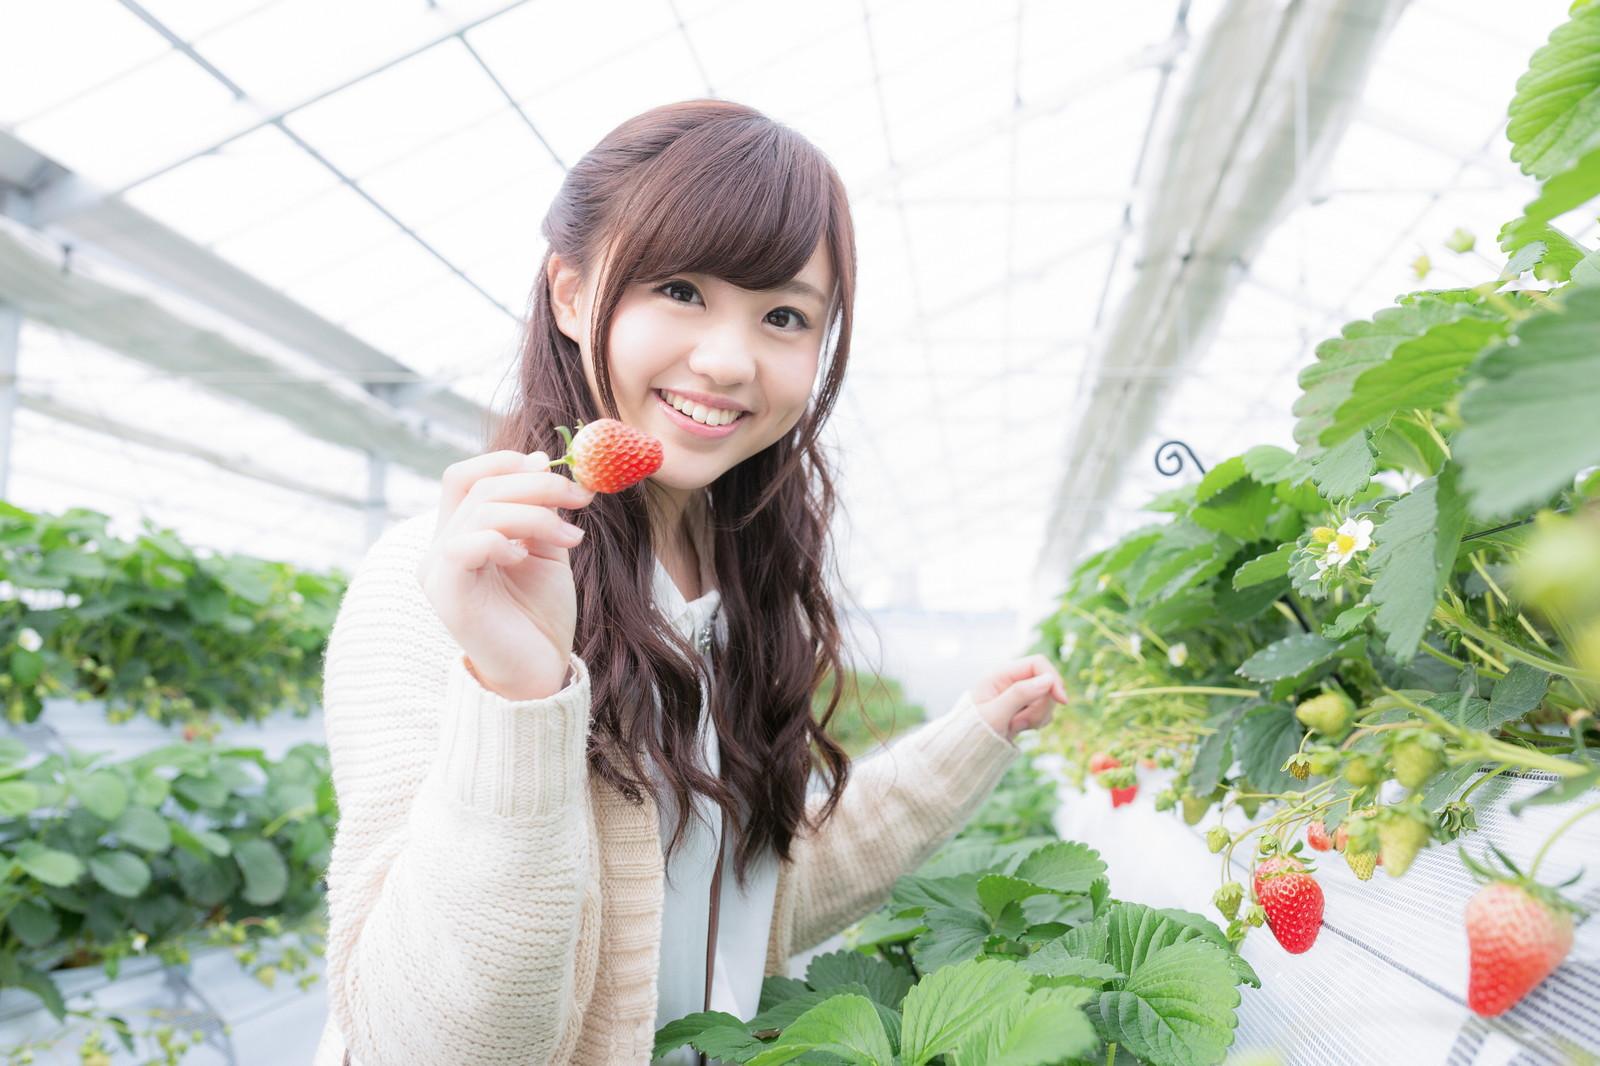 兵庫県のイチゴ狩りでおすすめは?予約なしでOKの農園や食べ放題など!